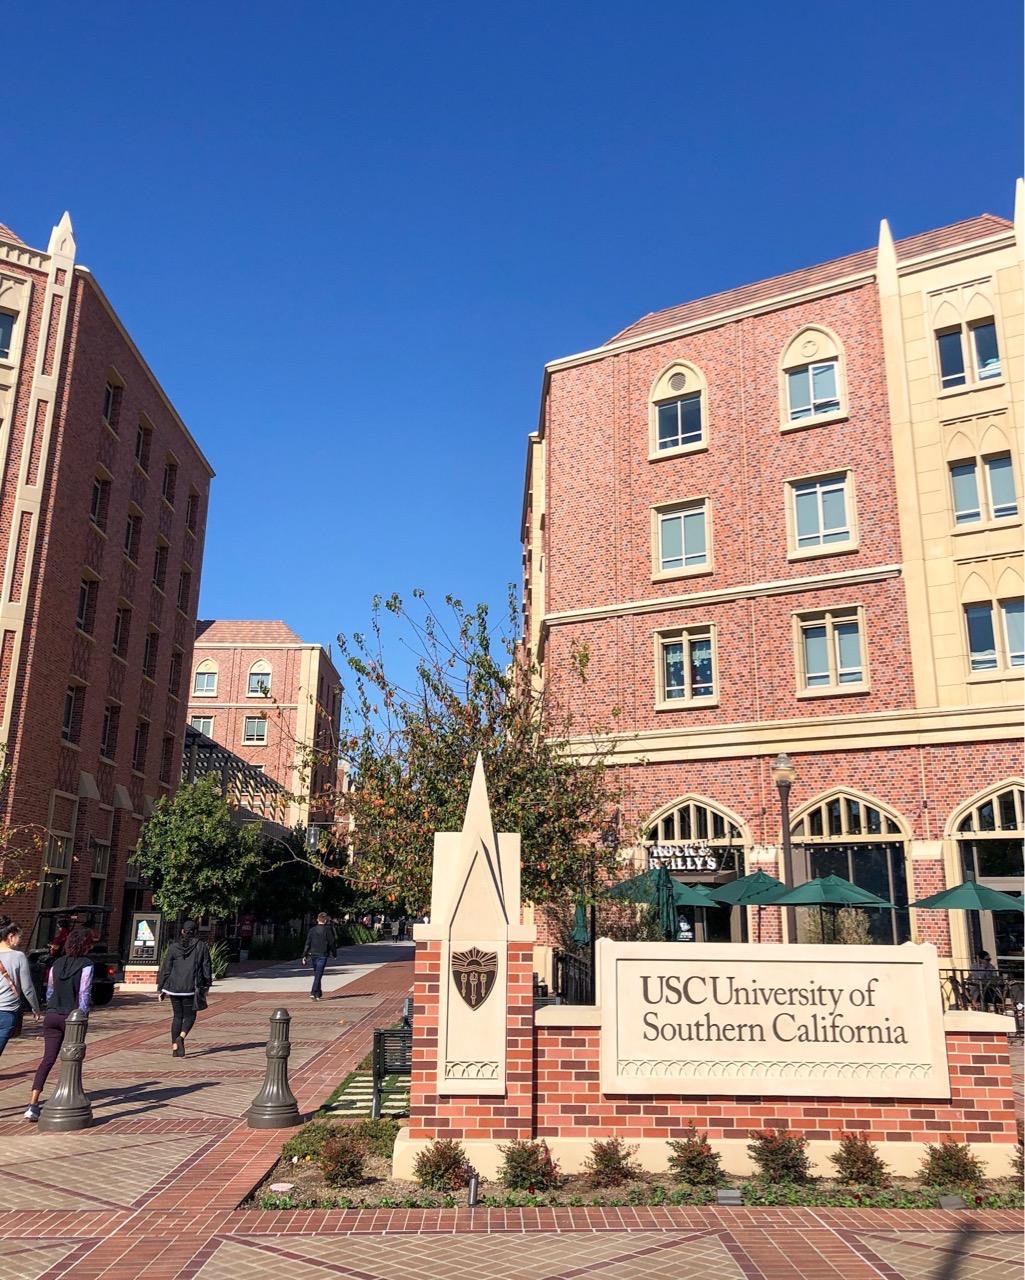 ロサンゼルス USC 南カリフォルニア大学